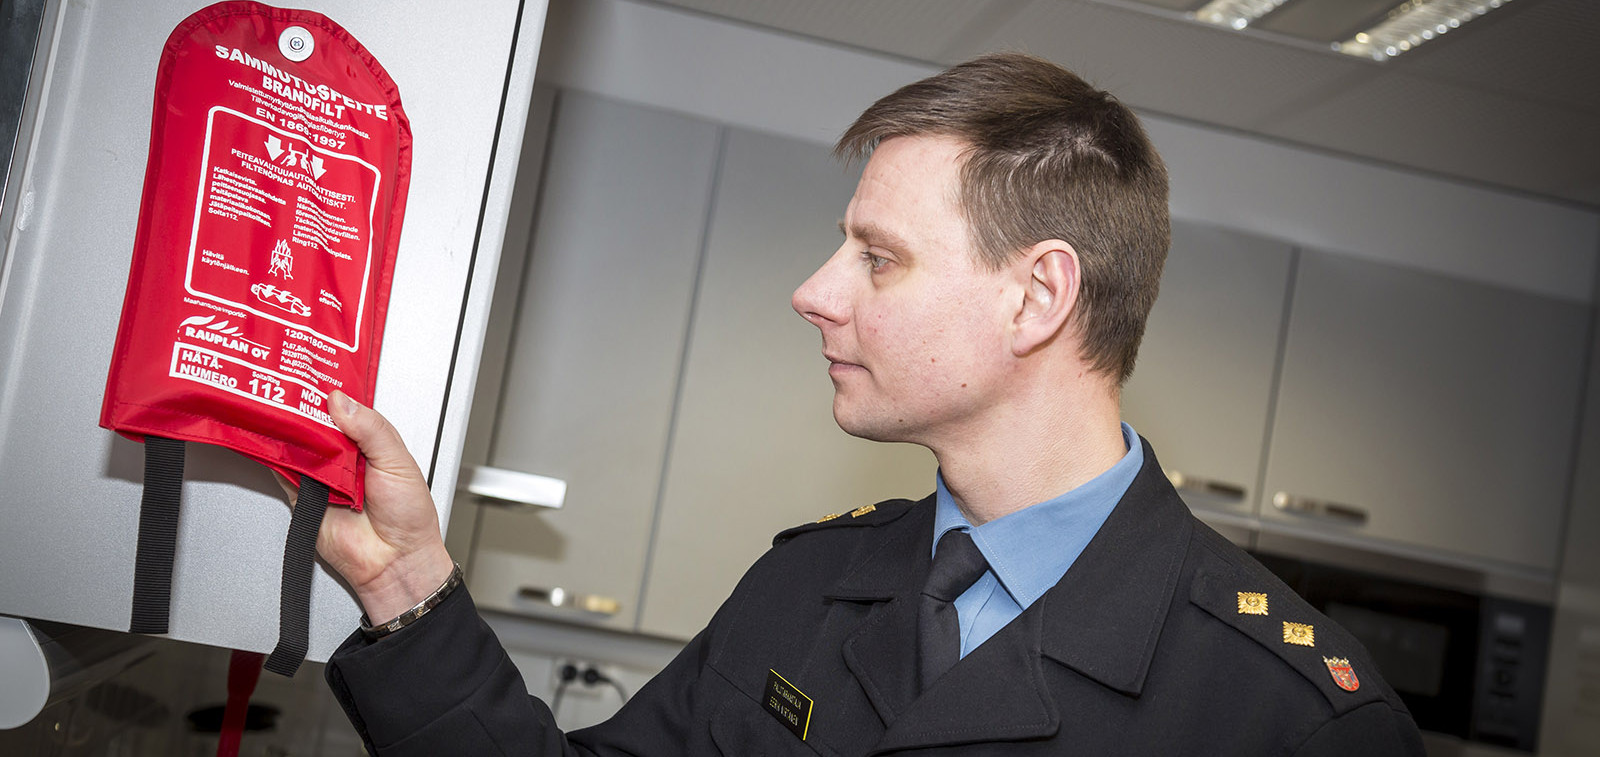 Palotarkastaja katsoo sammutuspeitettä keittiössä